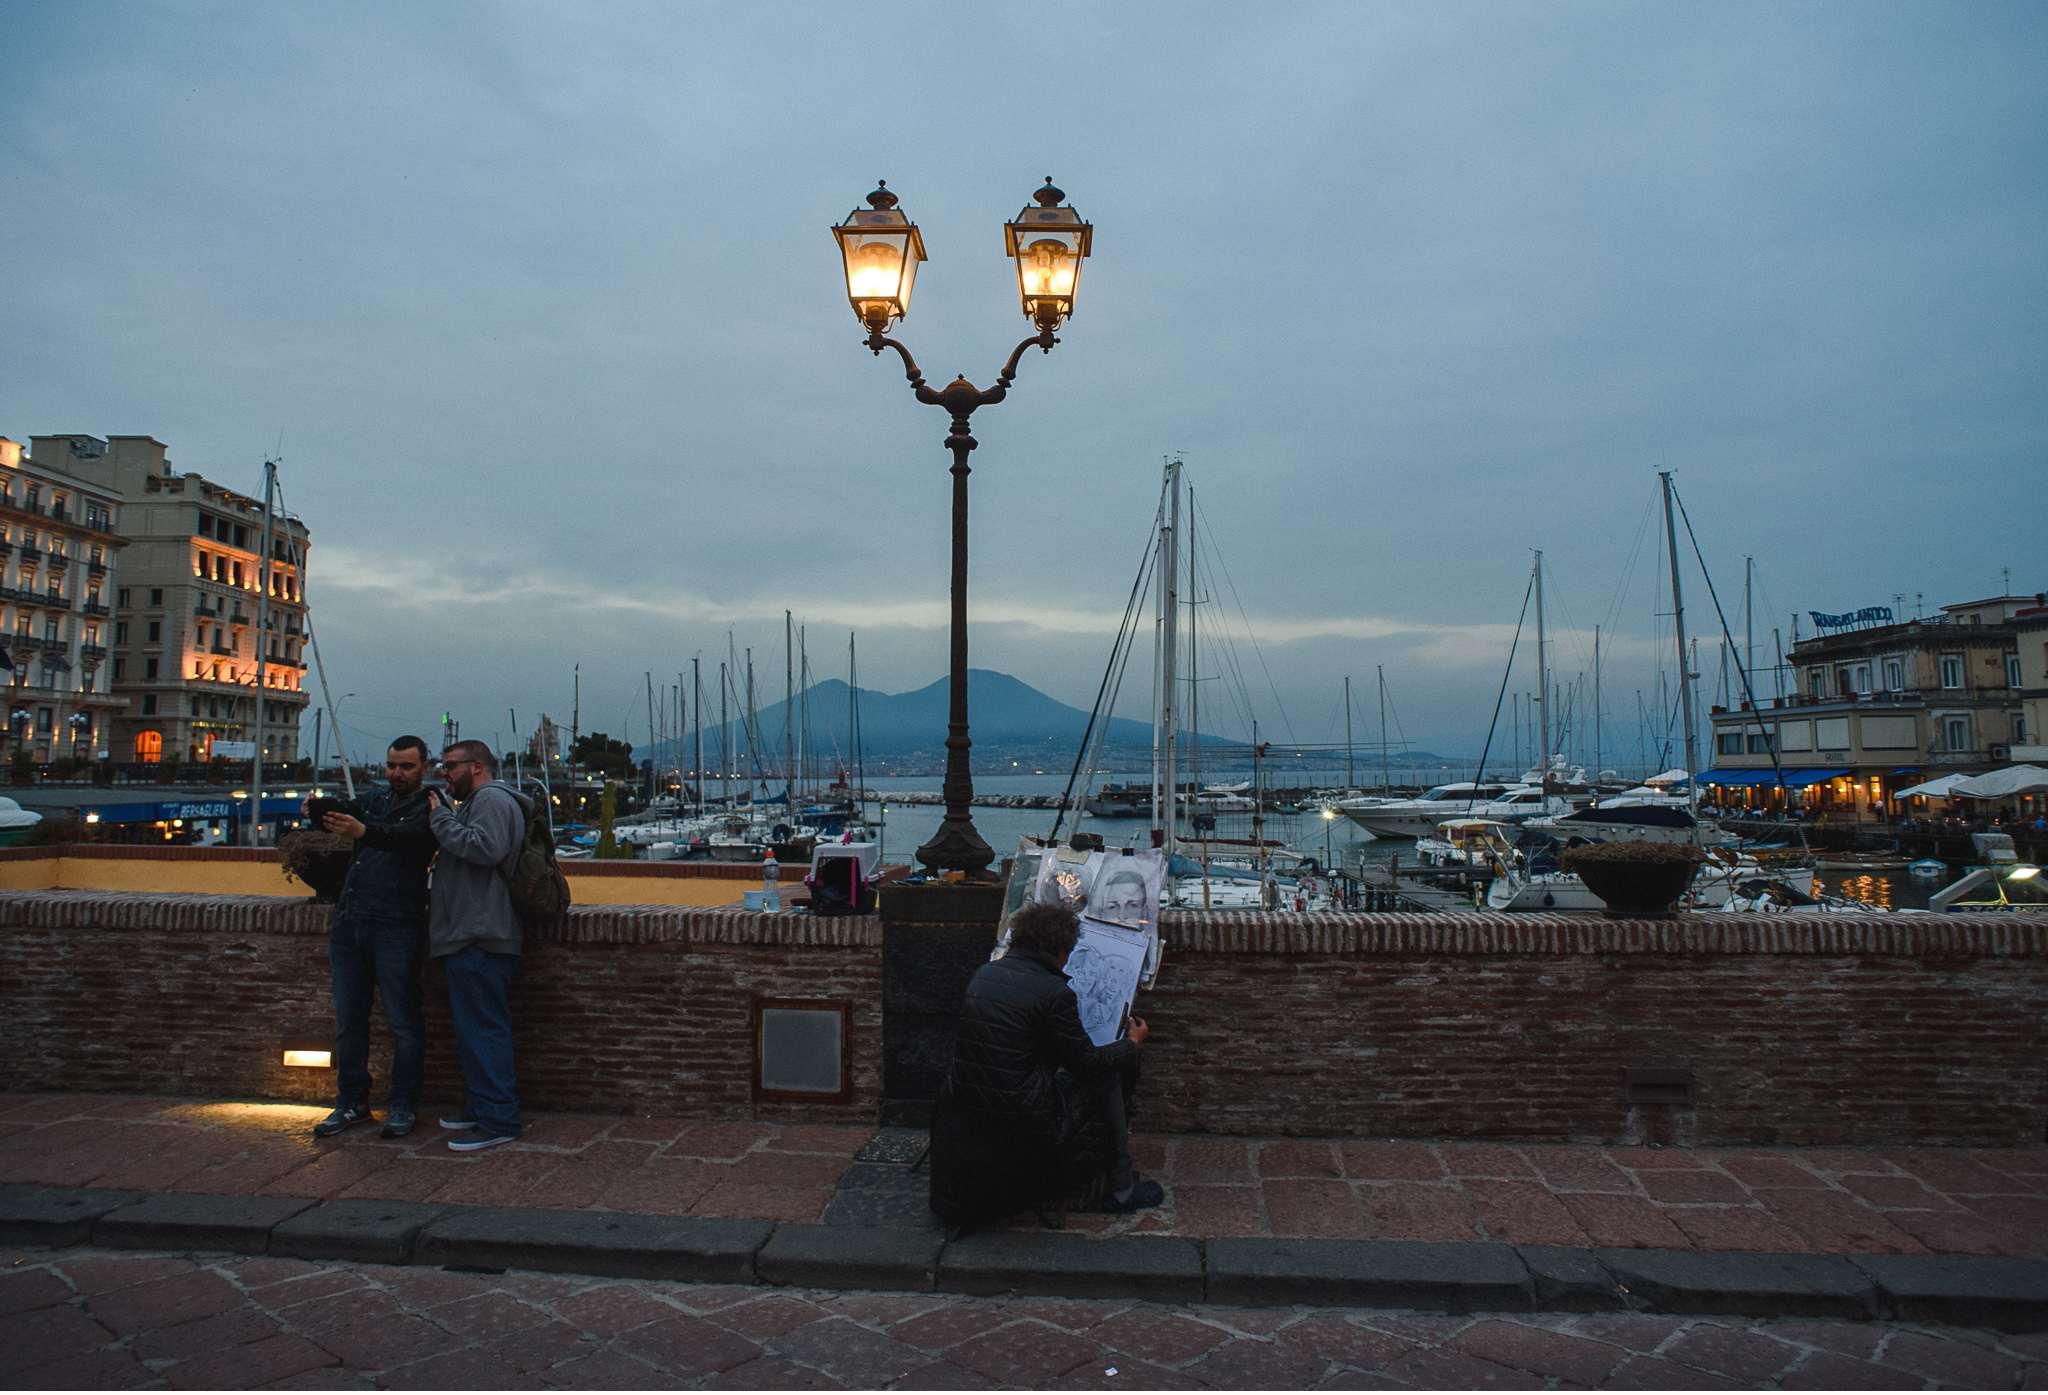 Interrail Reise - Italien Neapel - Geschichten von unterwegs - Foto Daniel Kempf-Seifried-115